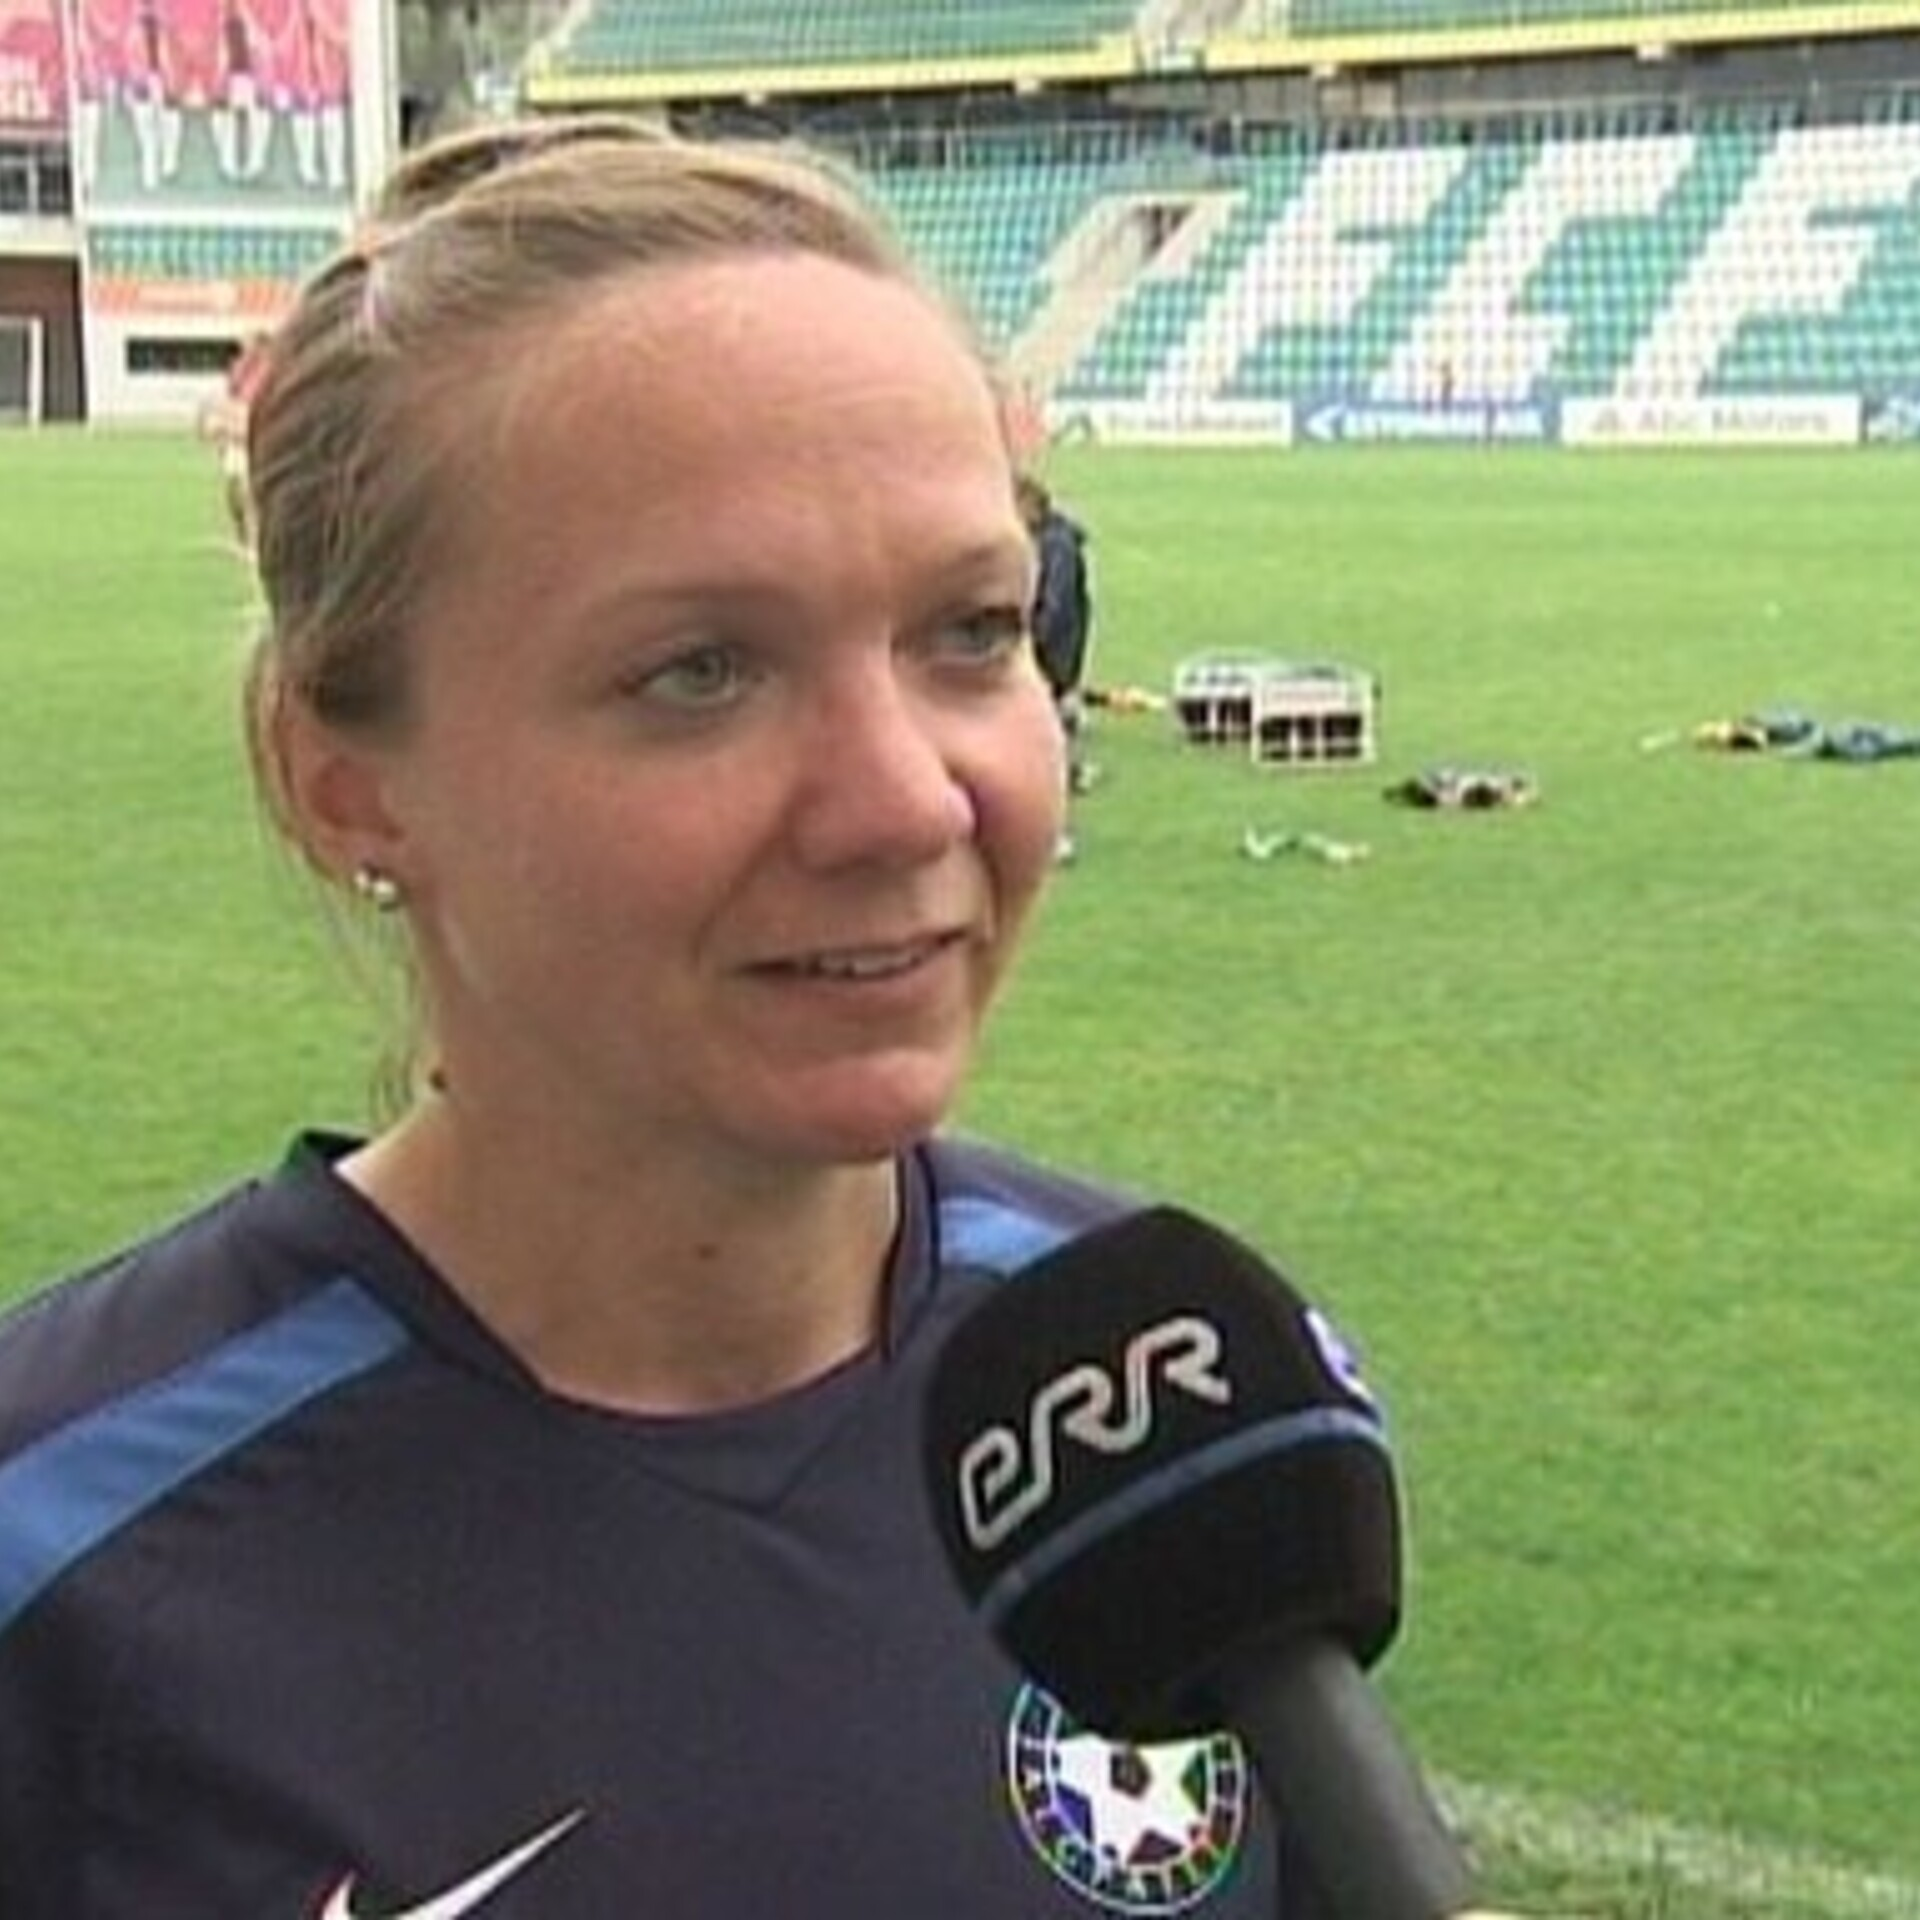 38bc9831427 Katrin Kaarna: turniir oli väga ühtlane   Jalgpall   ERR